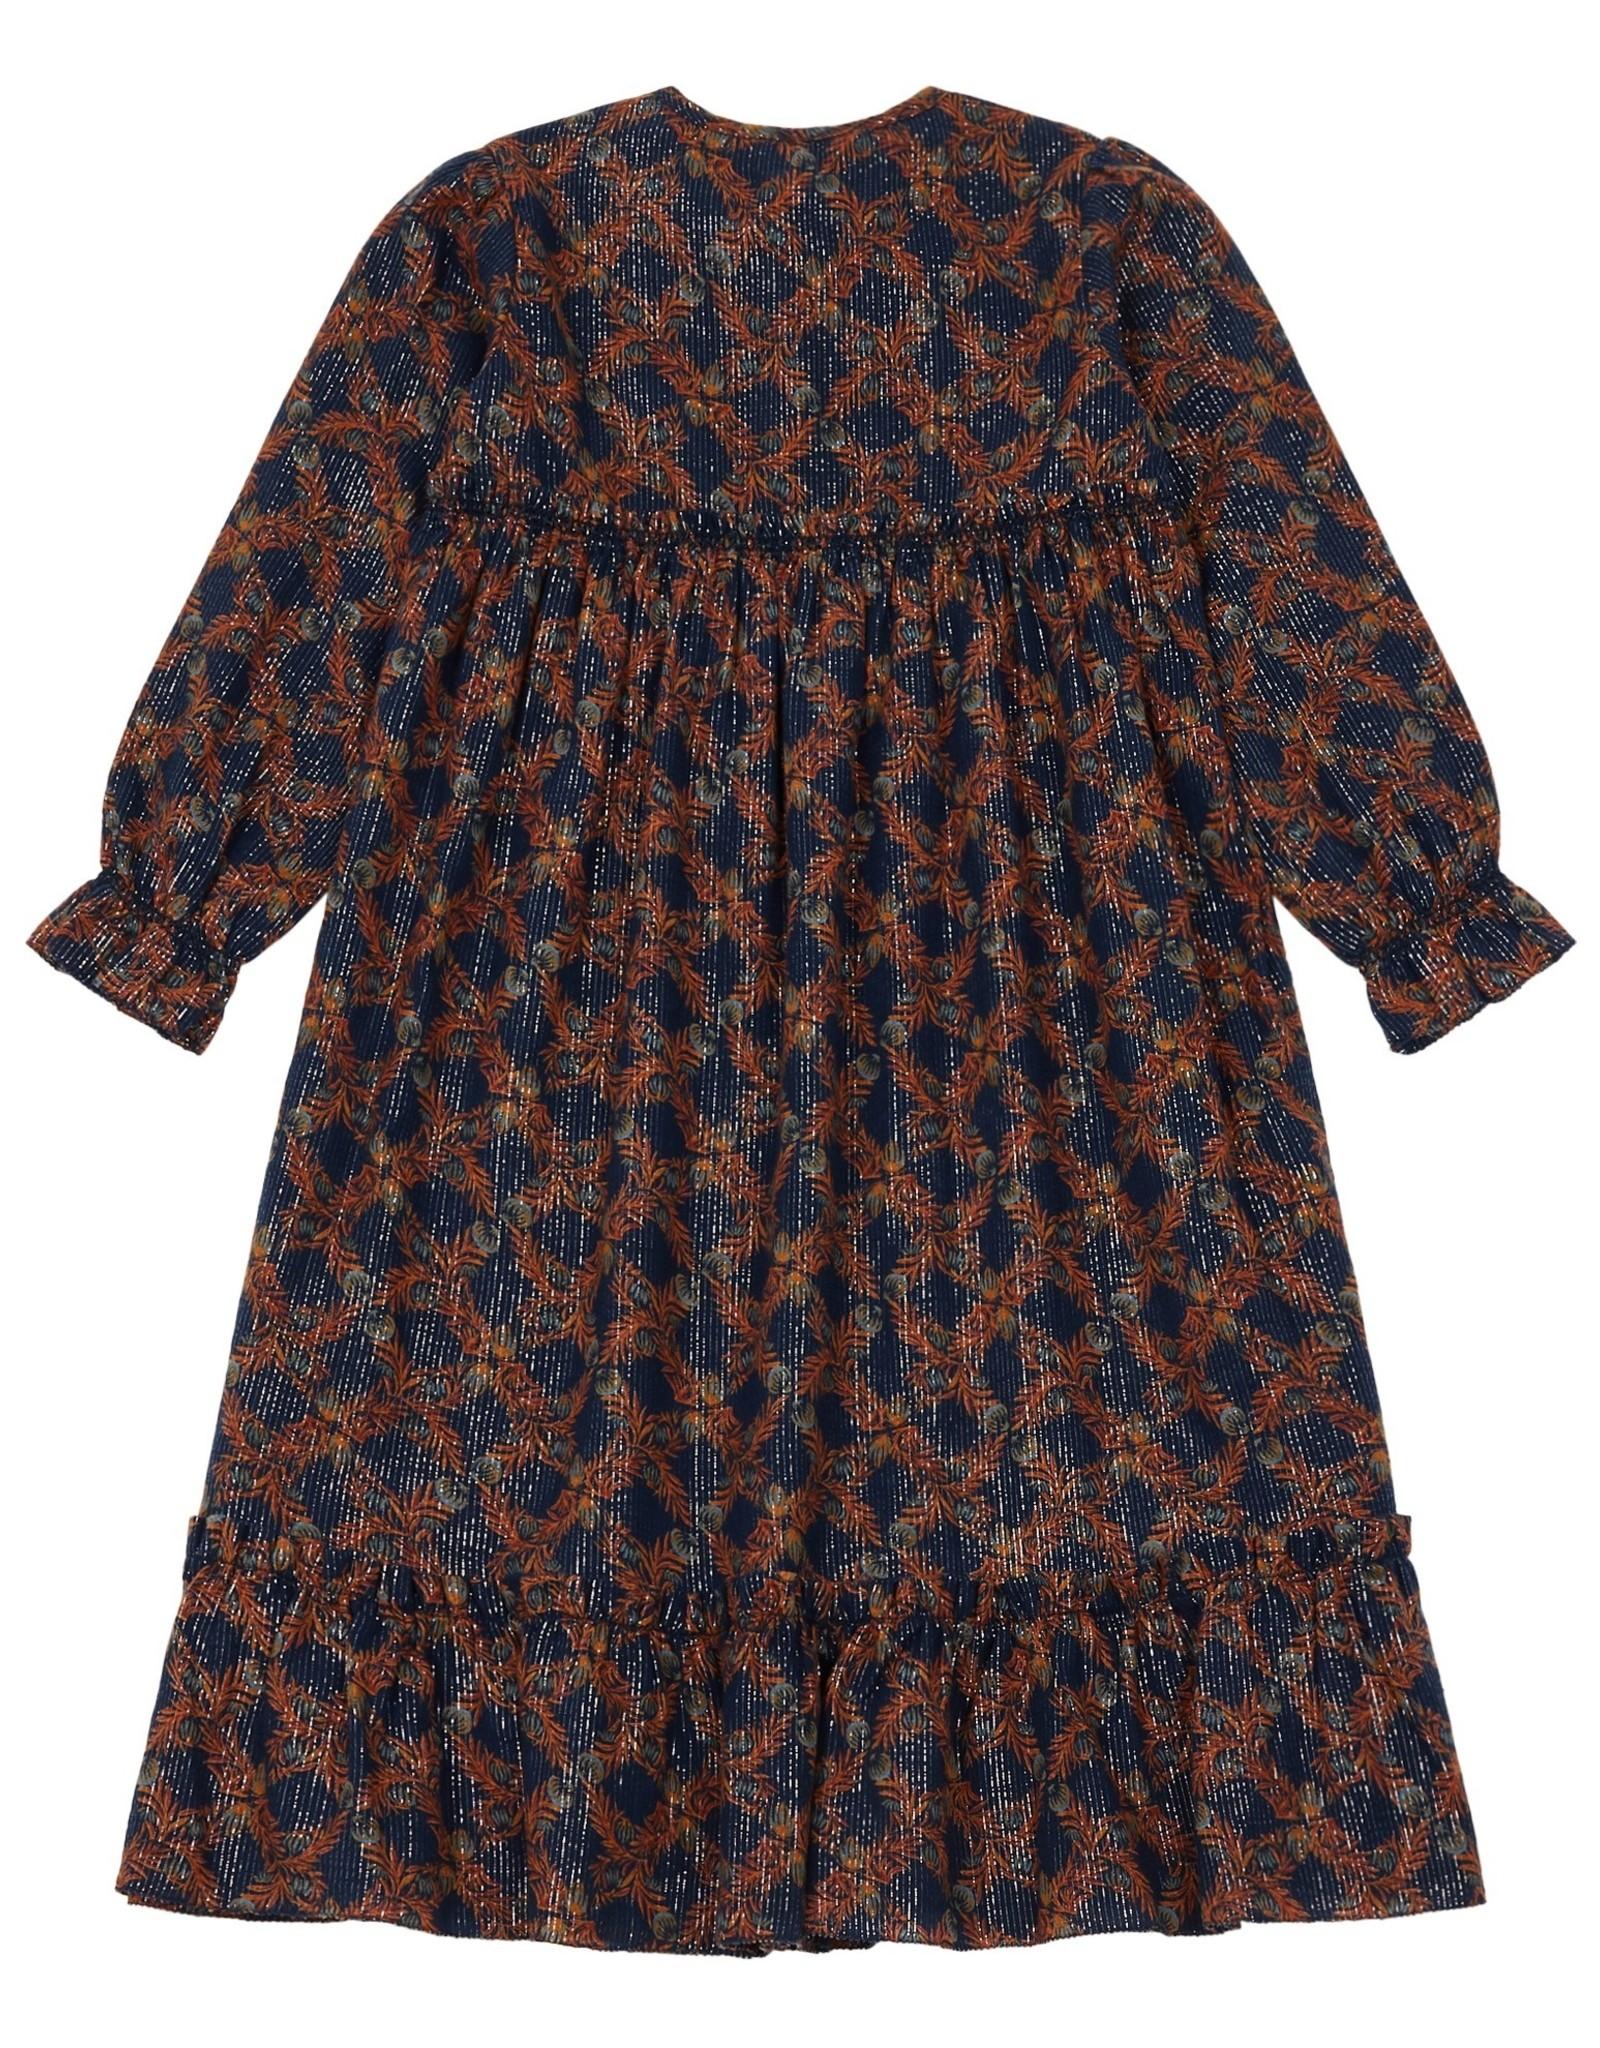 Aurélianne Dress